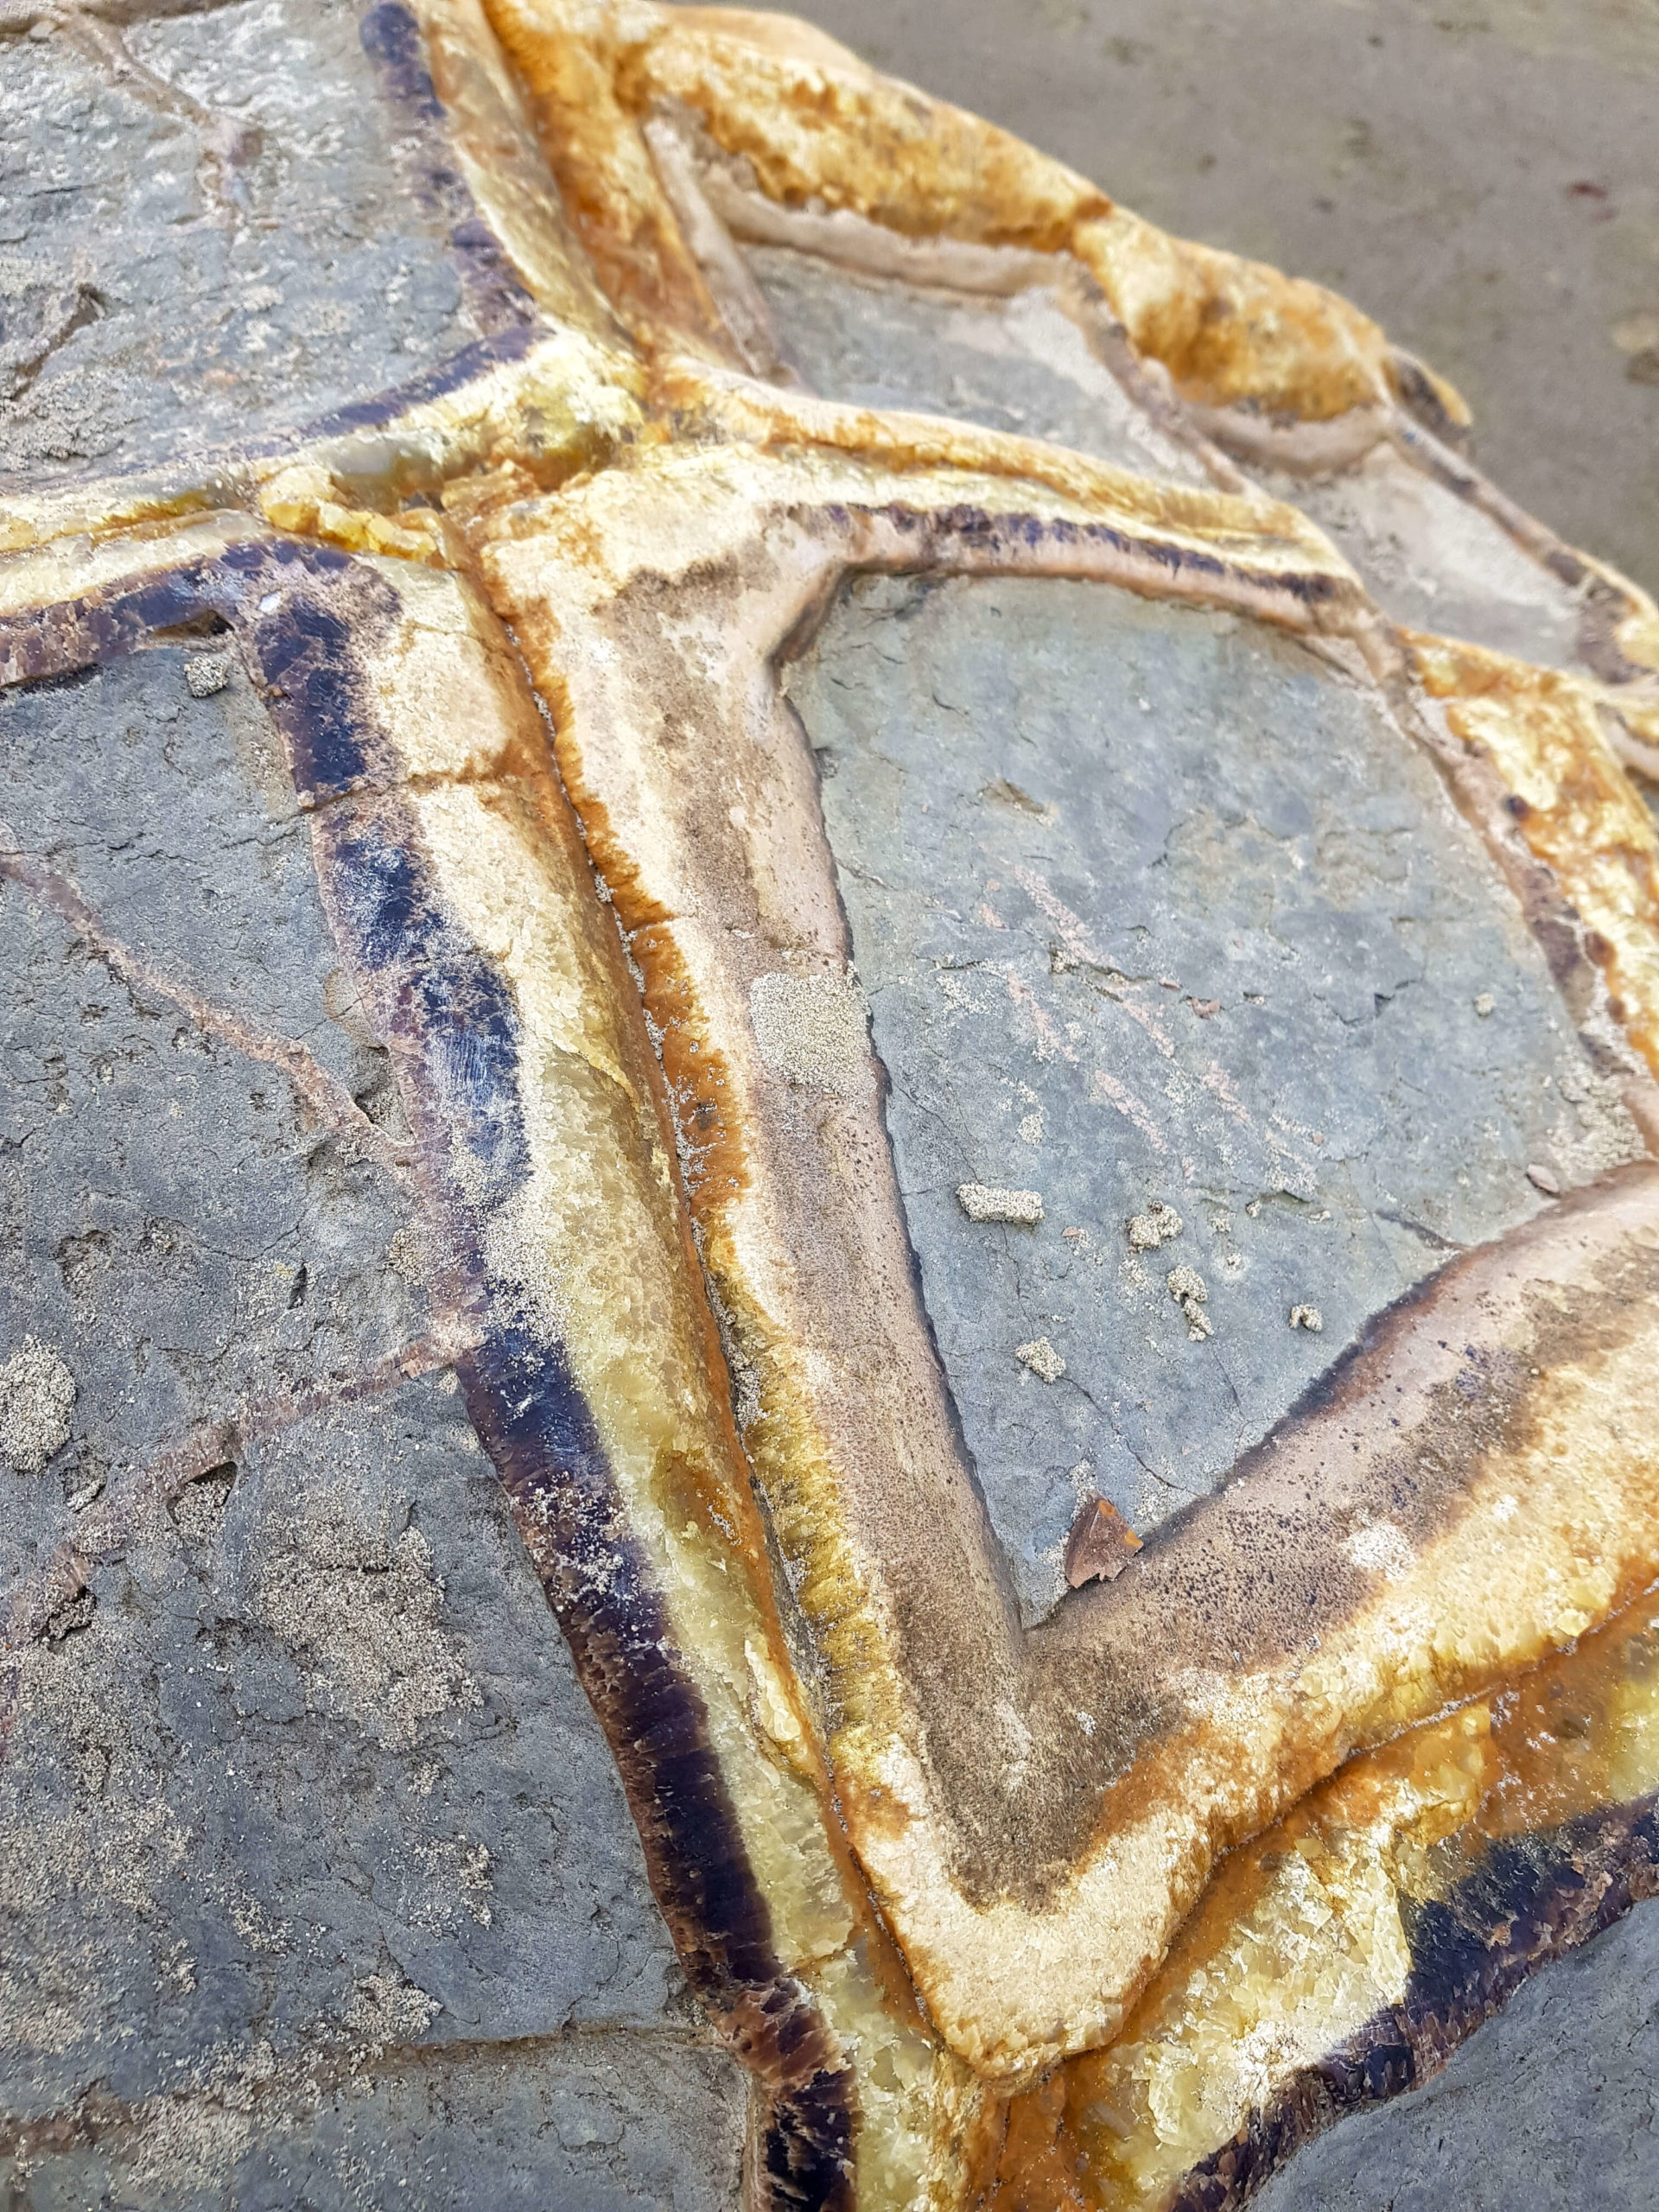 Moeraki boulders rocher close-up Nouvelle-Zélande